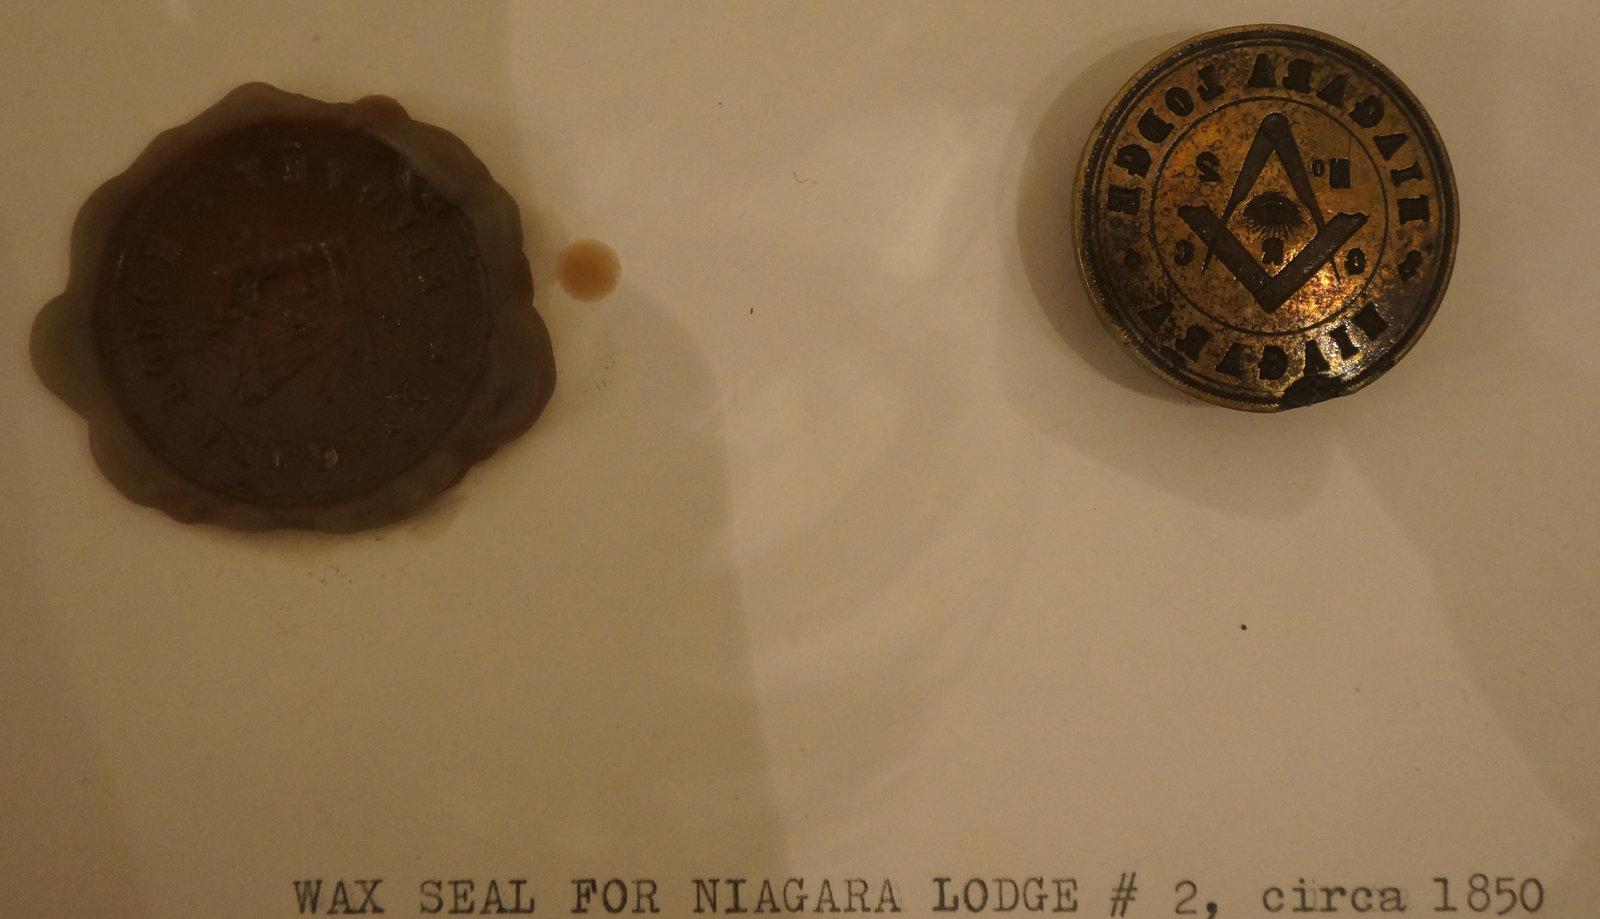 Wax seal for Niagara Lodge No. 2, circa 1850